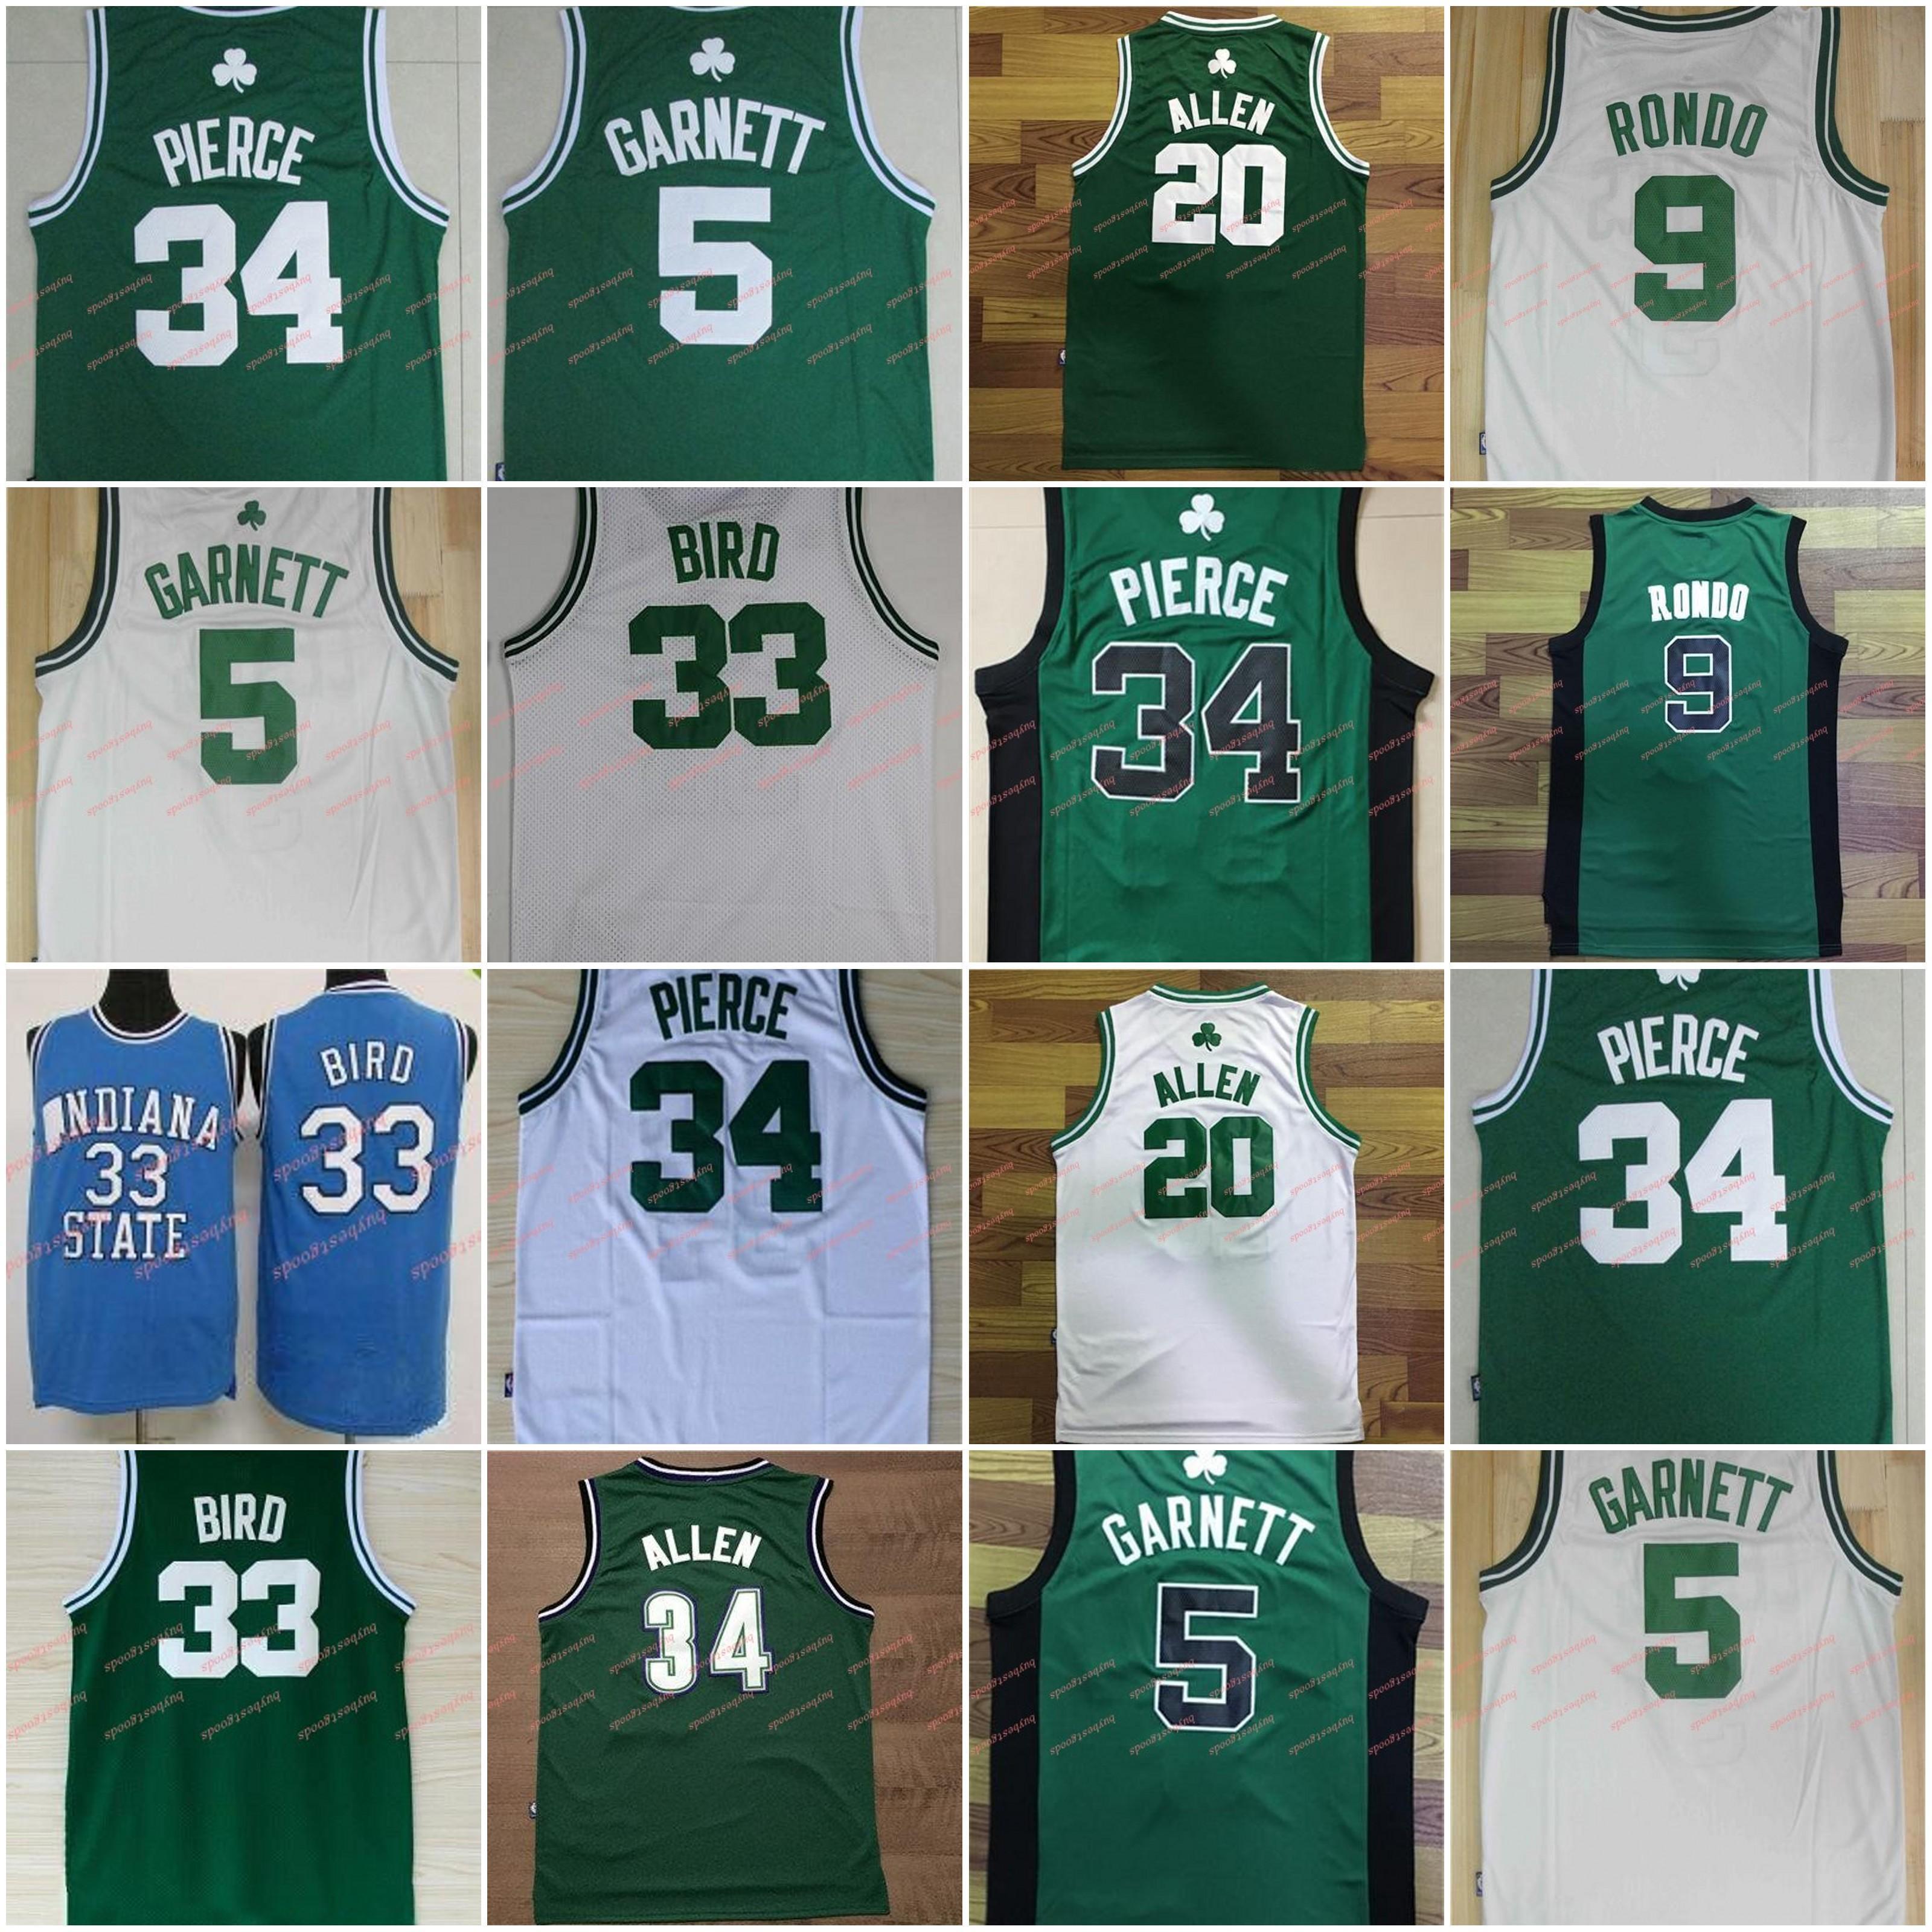 الرجال 5 كيفن غارنيت جيرسي 9 راجون روندو 20 راي الن جيرسي 34 بول بيرس كرة السلة بالقميص الأبيض الأخضر مخيط رخيصة